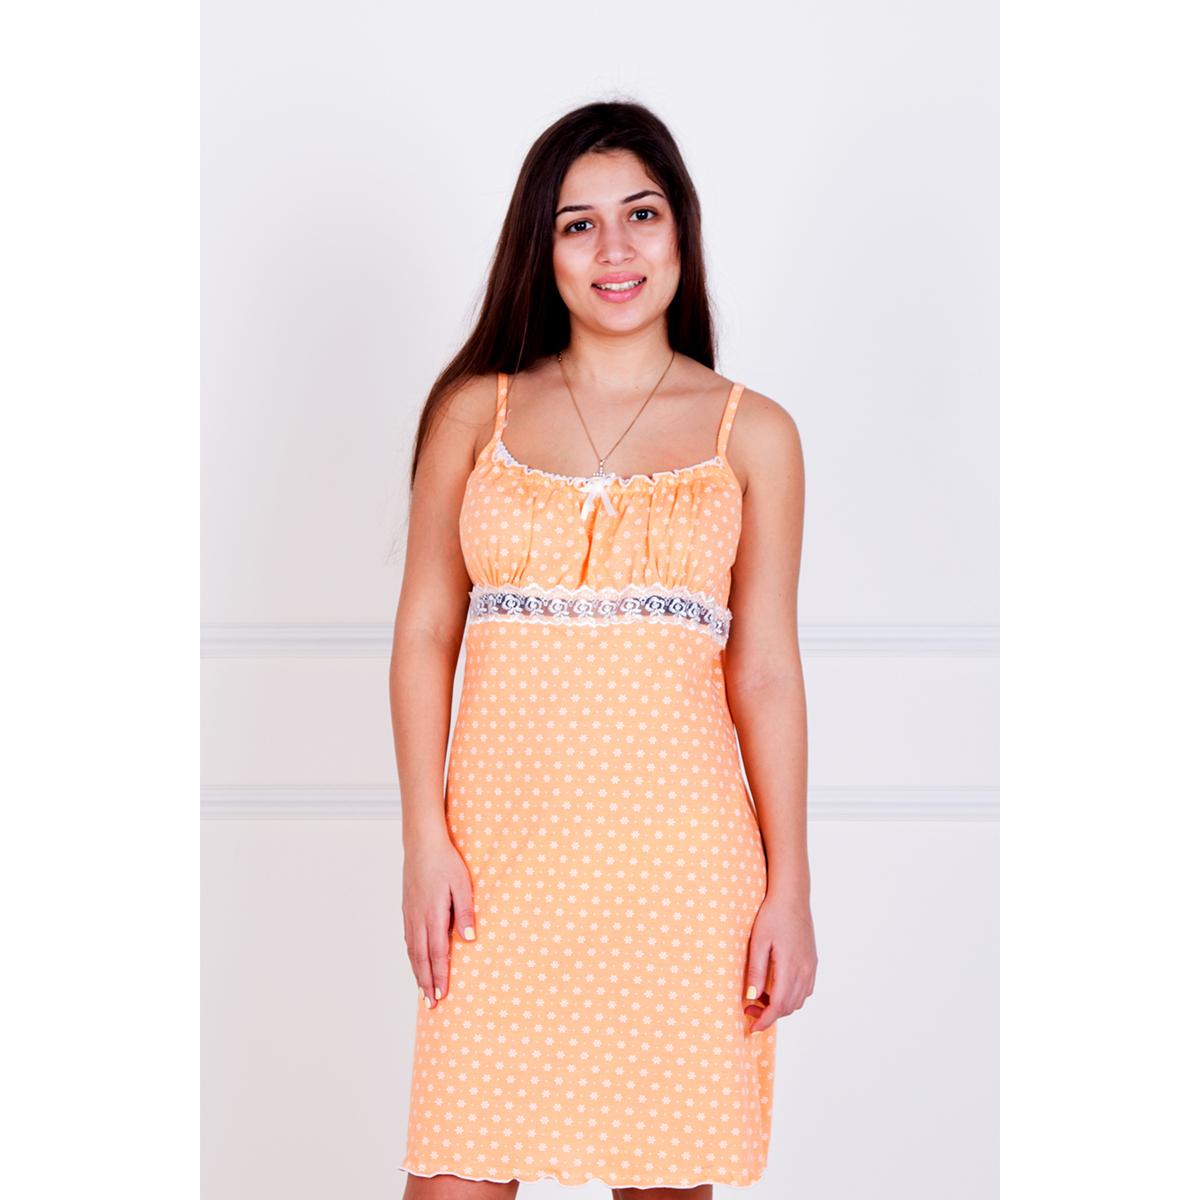 Женская сорочка  Неженка  Персиковый, размер 52 - Акции и скидки артикул: 15580